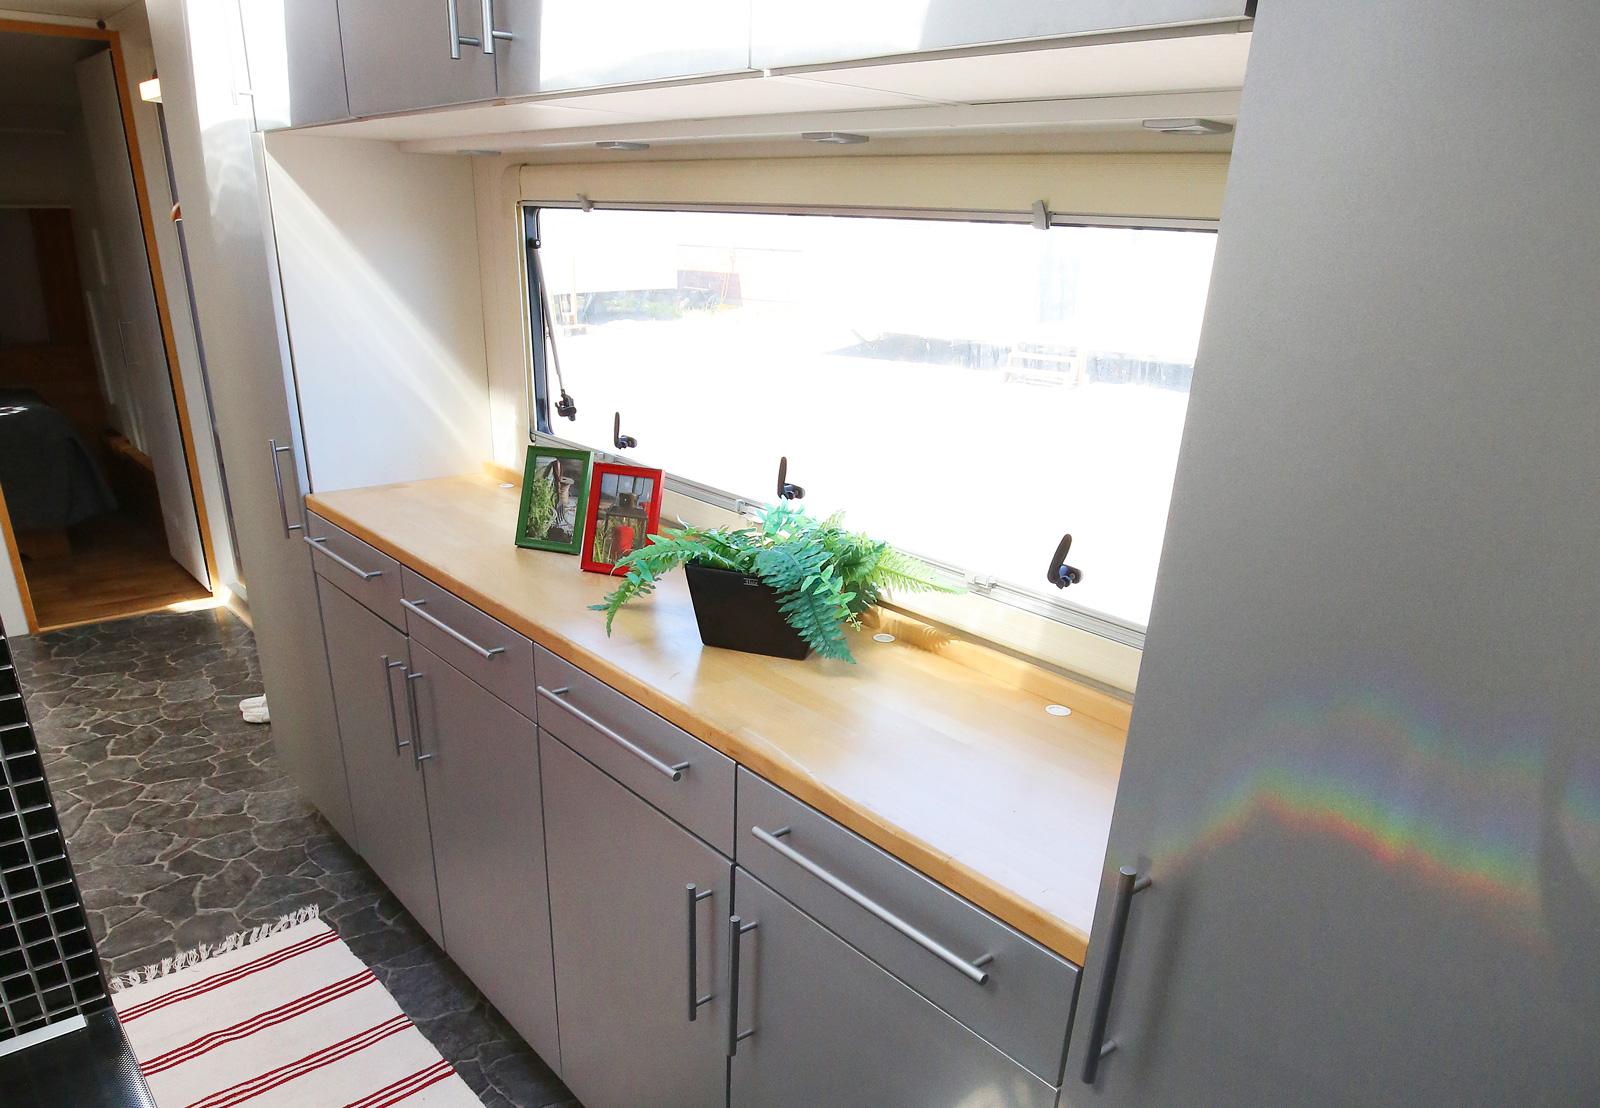 I gången mellan kök och sovrum ryms mycket förvaring och ljusinsläpp via fönster och taklucka. Badrum längs väggen till vänster.